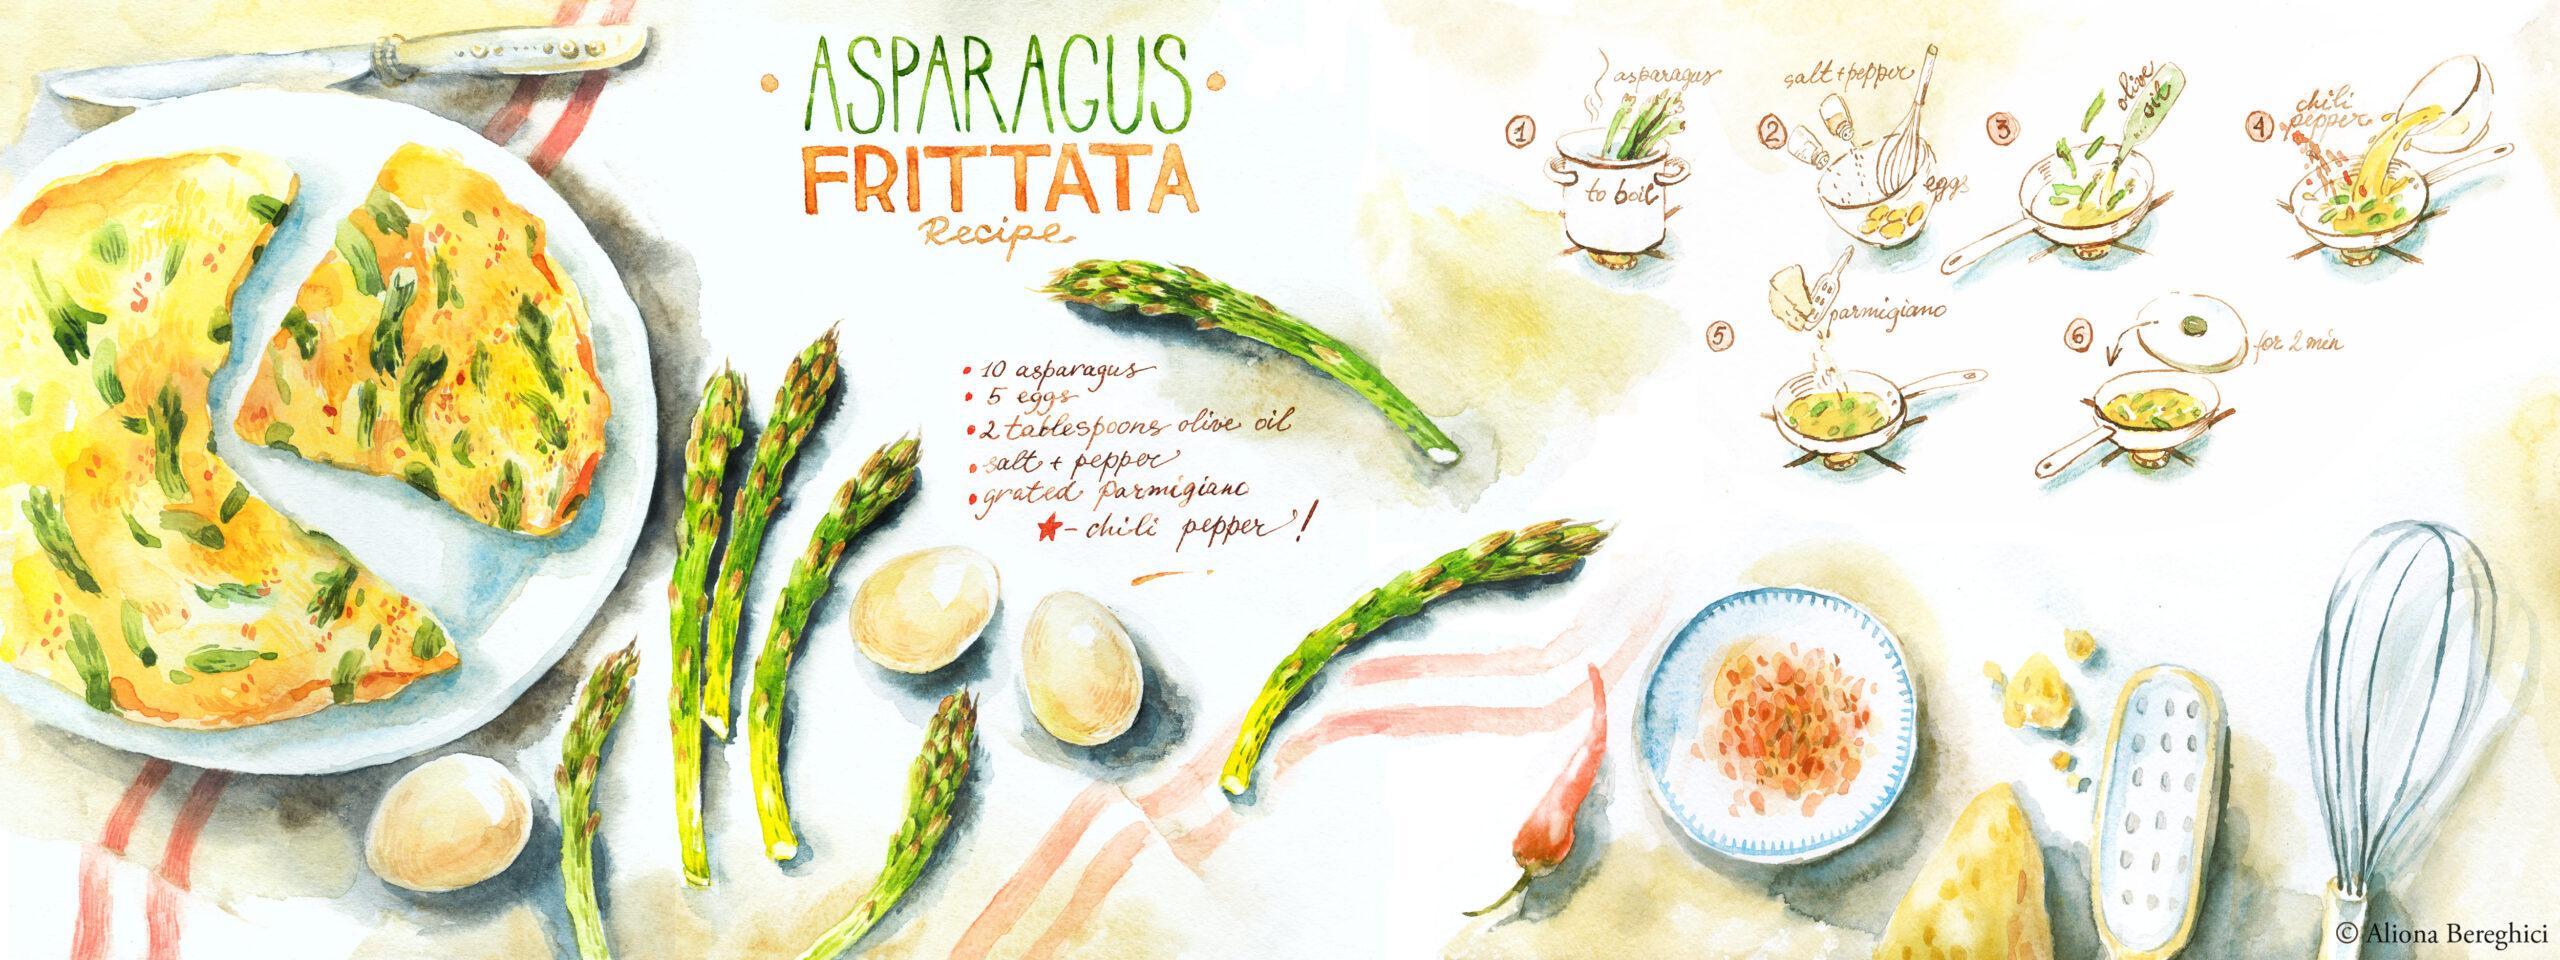 Frittata_Asparagus_s